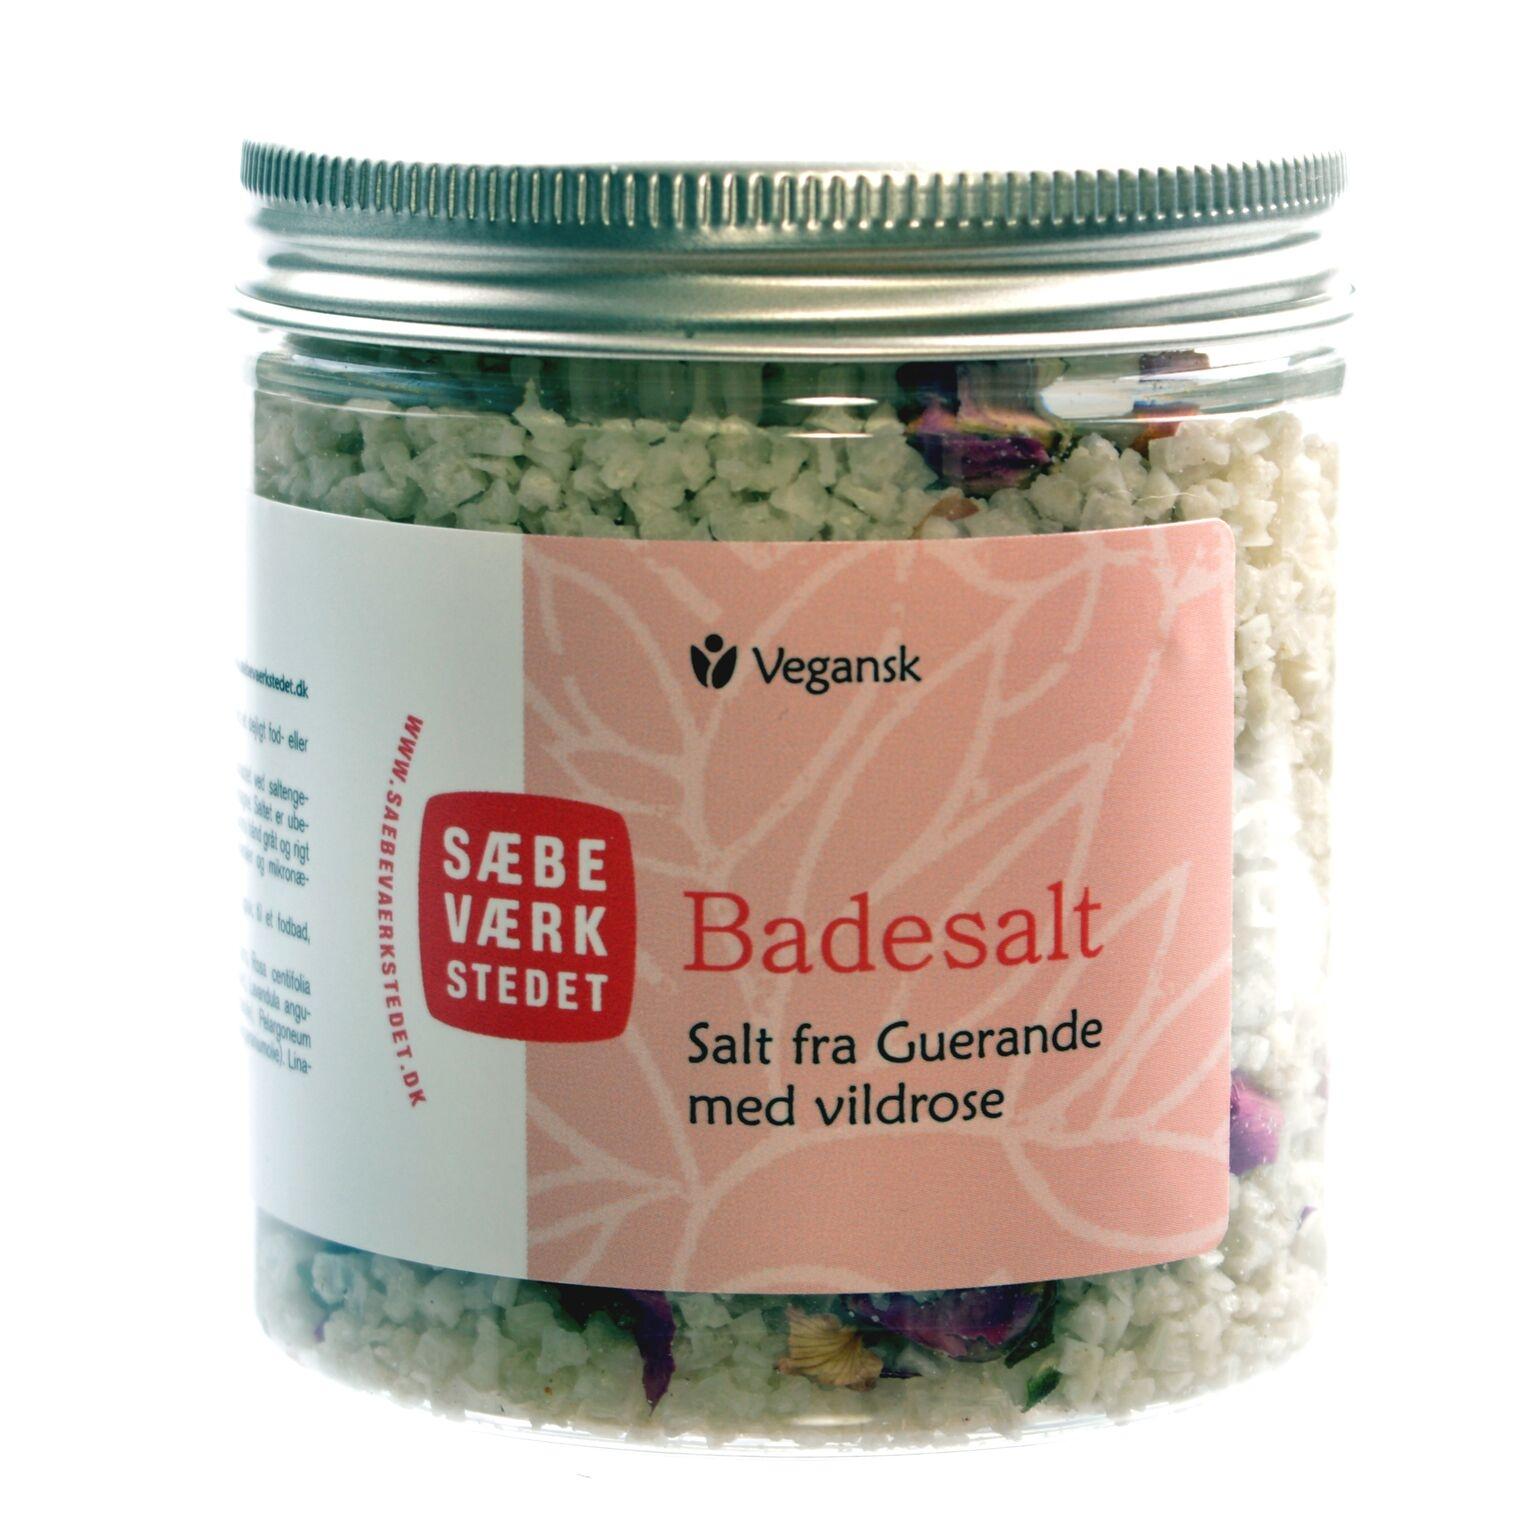 Image of Badesalt med Vildrose - 200 g